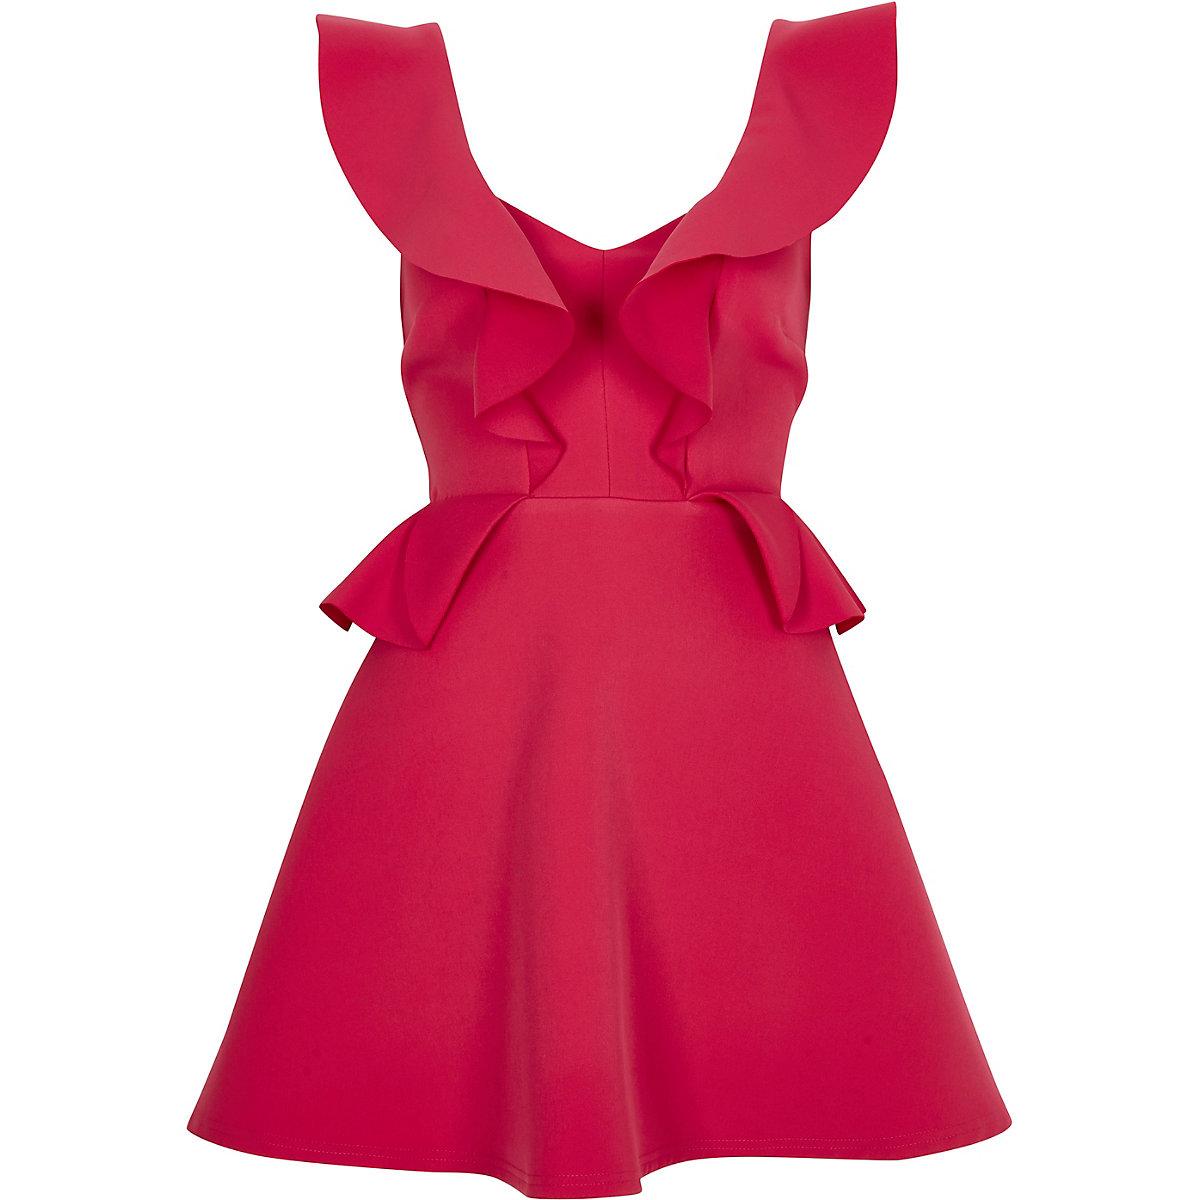 Bright pink frill skater dress